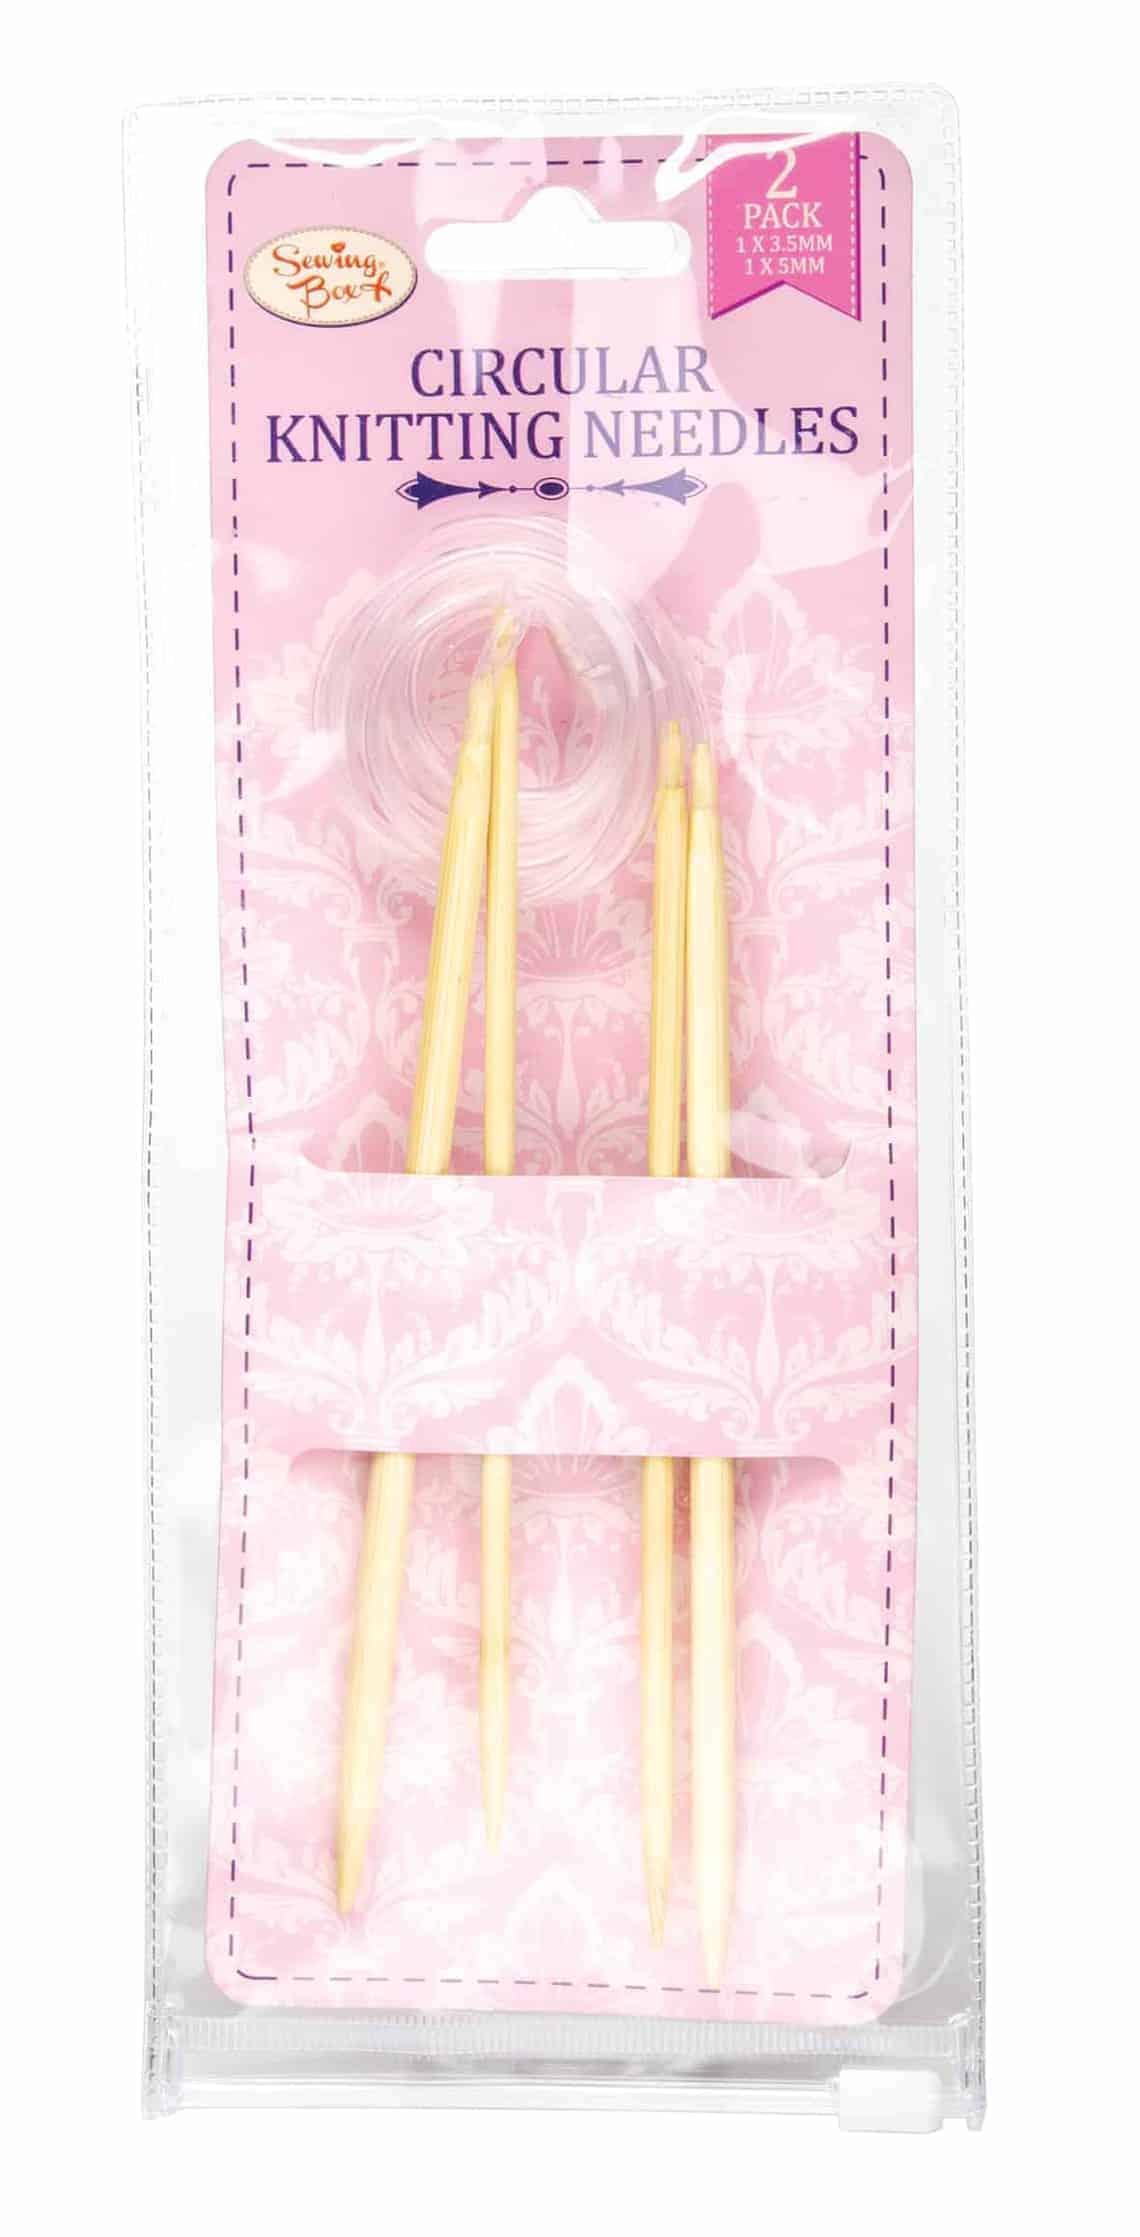 Sewing Box 2 Circular Bamboo Knitting Needles 3.5&5Mm